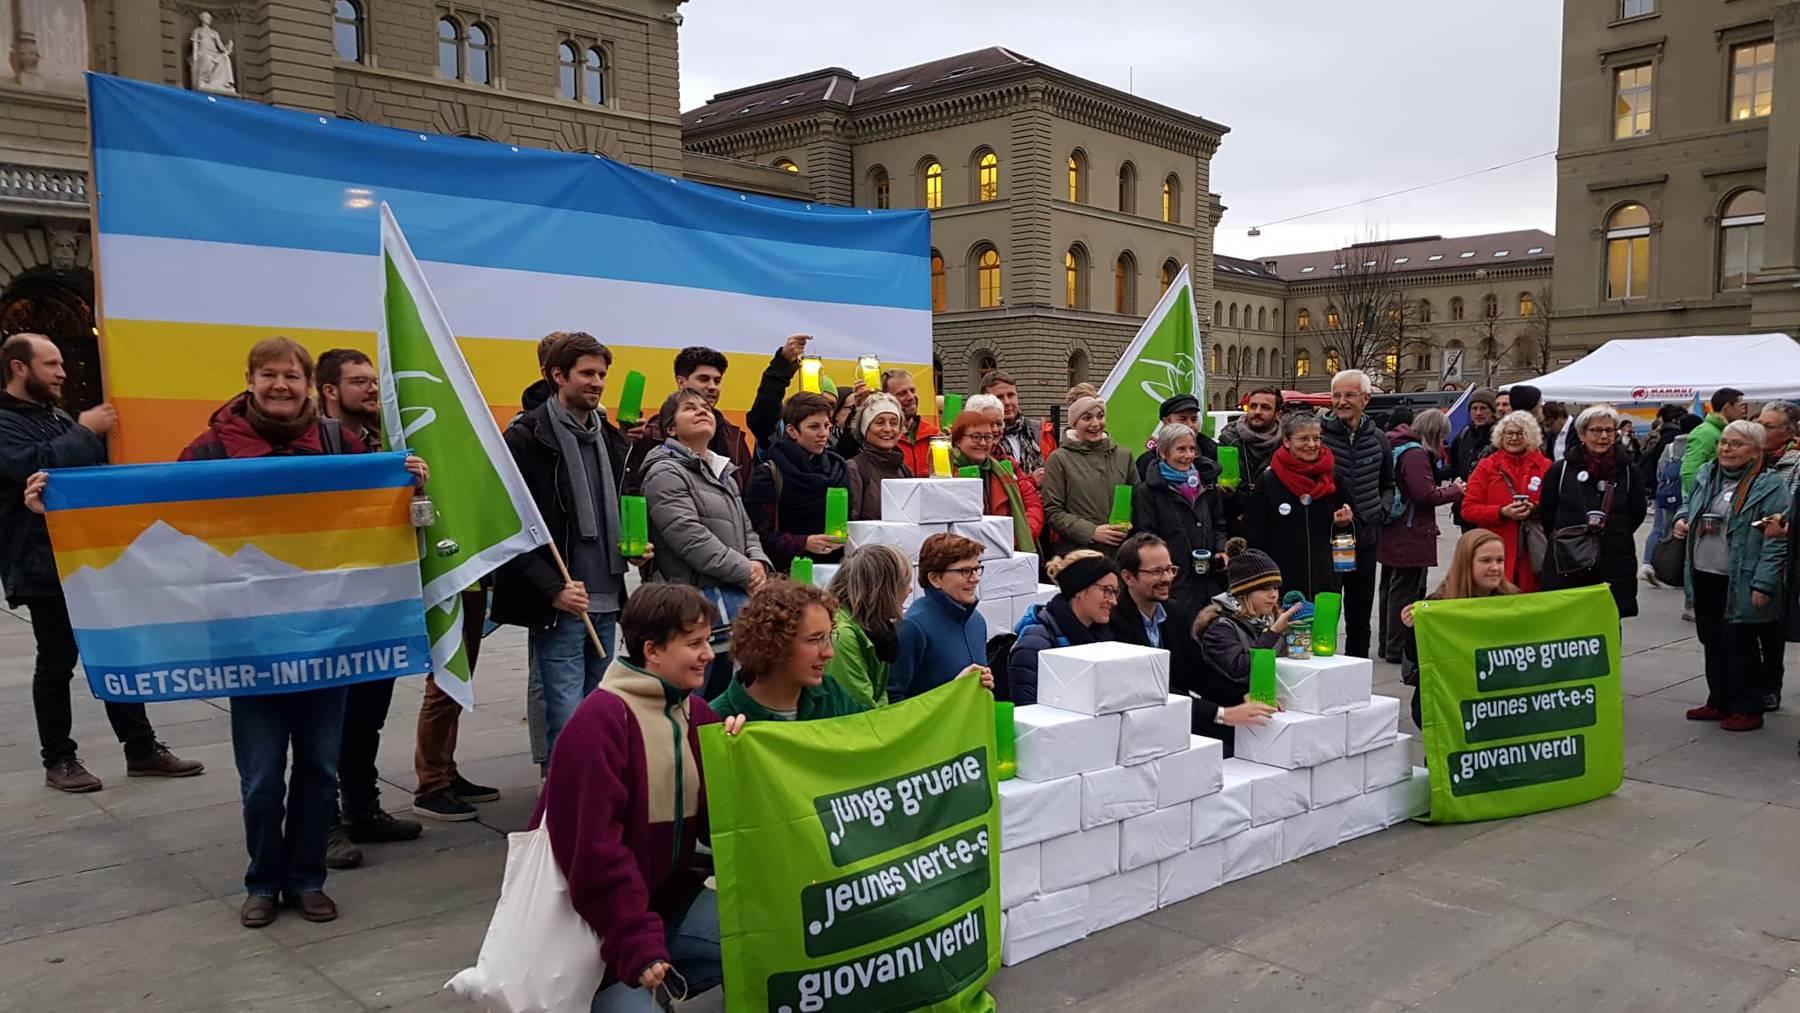 Für mehr Klimaschutz: Mehr als 110'000 Personen haben die Gletscher-Initiative unterzeichnet, die am Mittwoch in Bern eingereicht wurde.